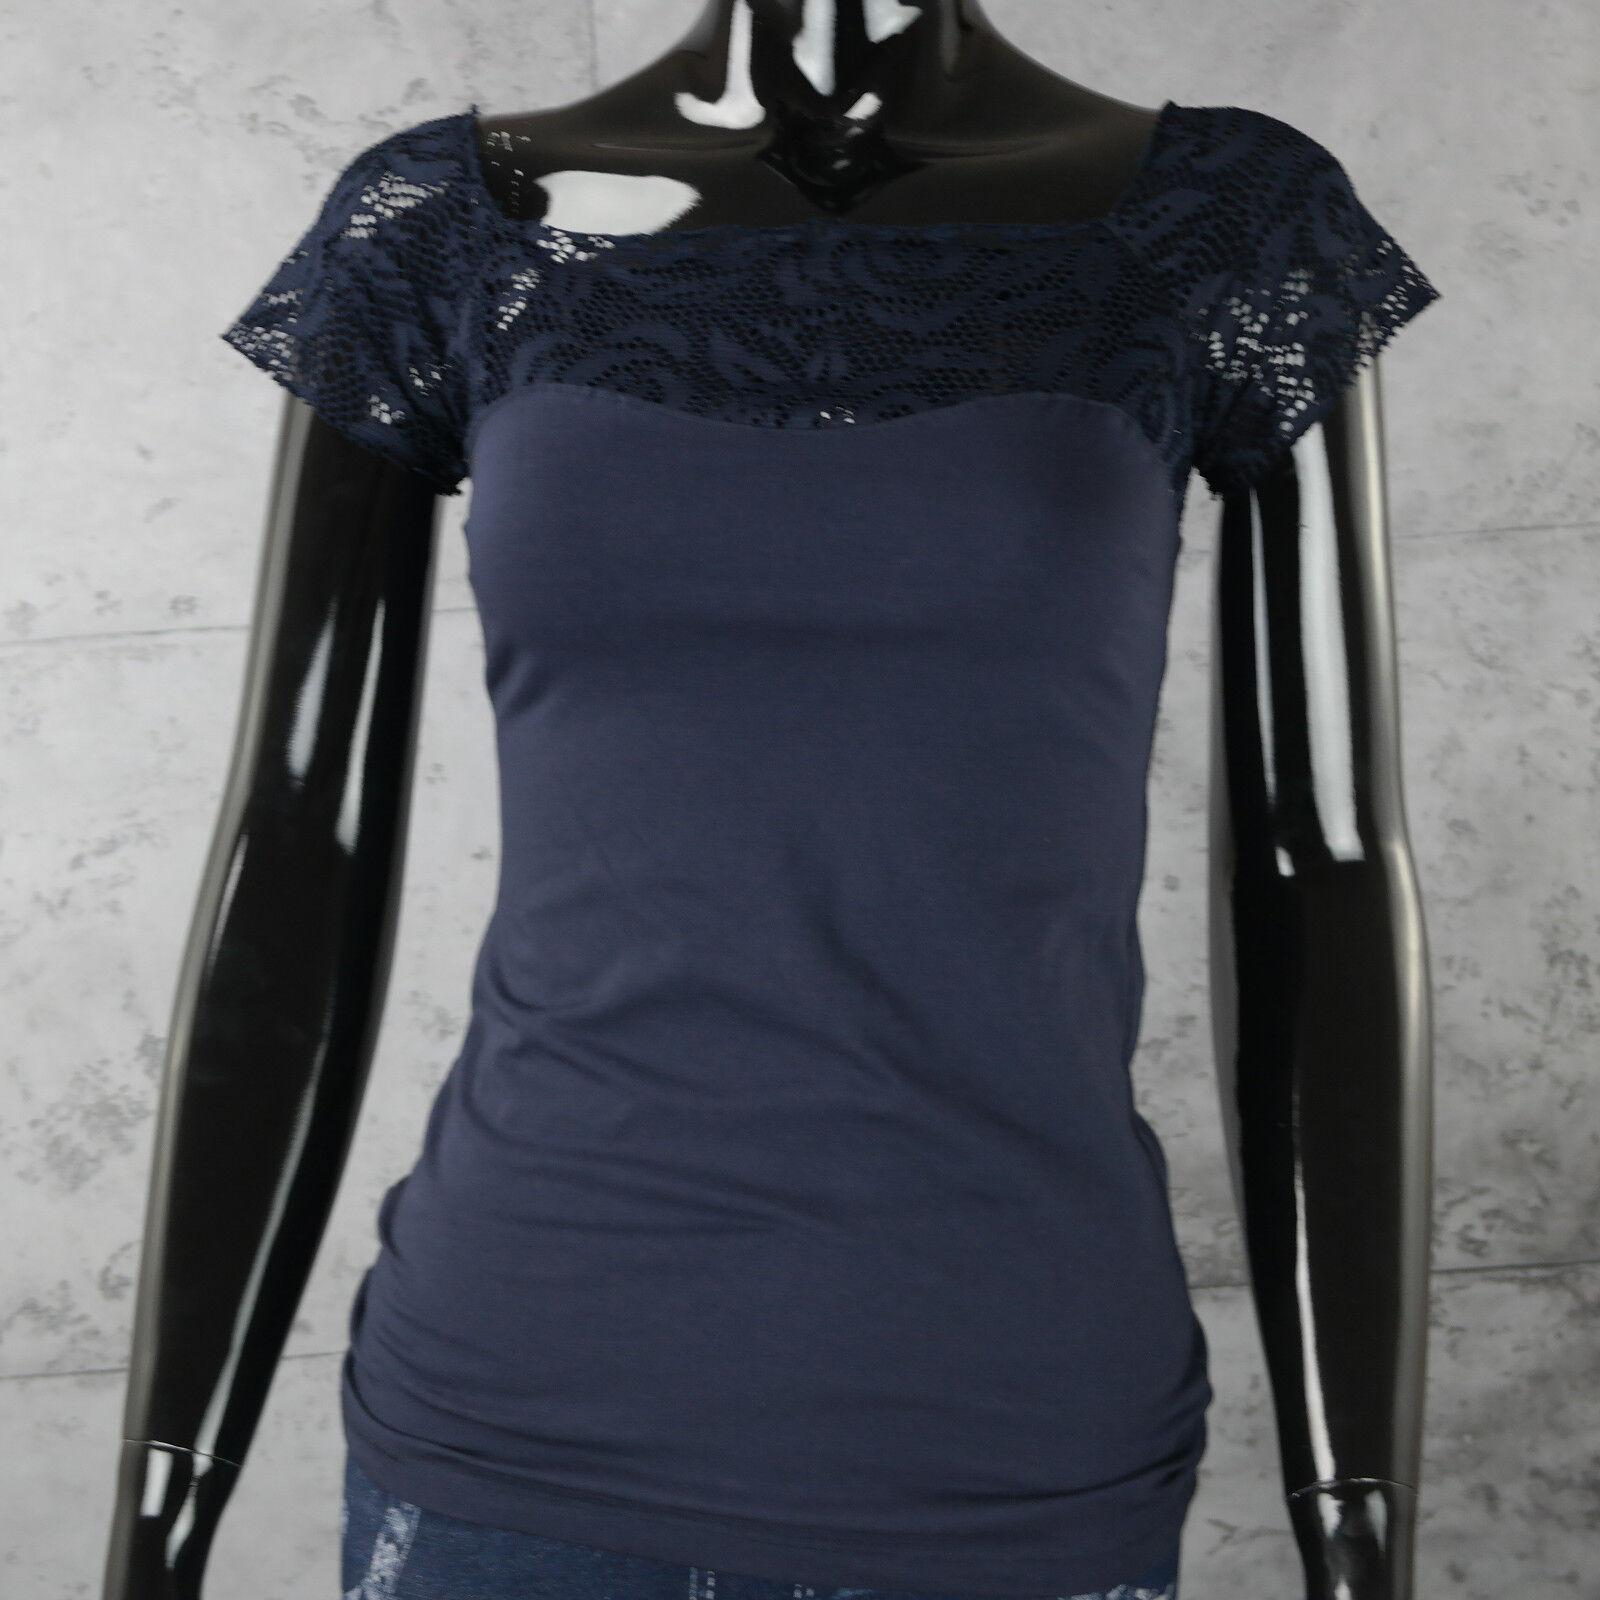 Maglietta Donna Blu scuro Camicia TOP con Pizzo ricami T Shirt Taglia Unica Sexy